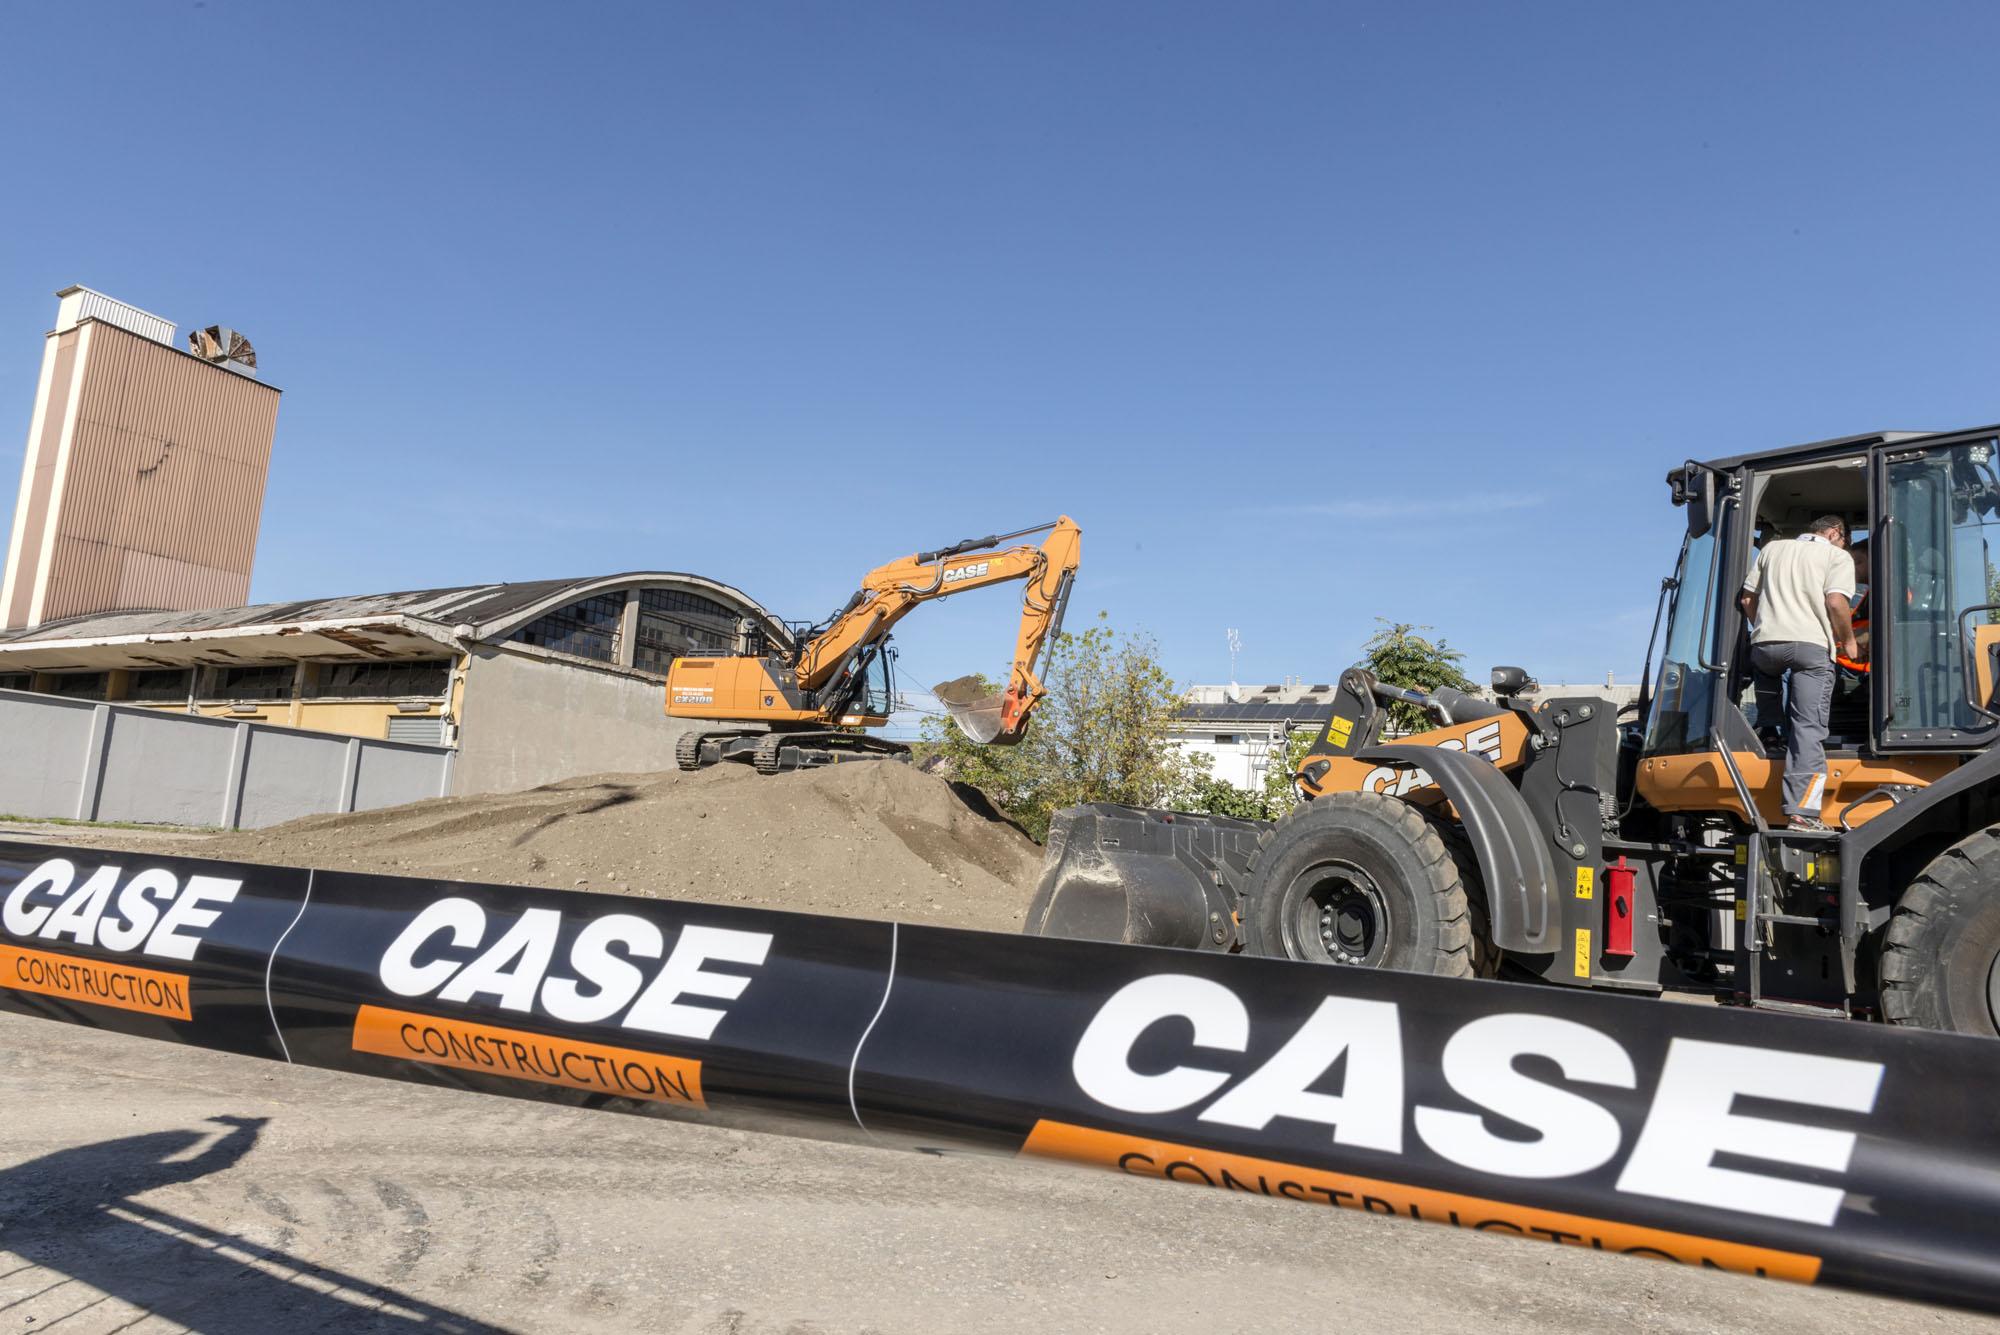 Dealer Case: Orecchia un nuovo punto di riferimento -  -Construction Notizie Servizi - MC5.0-Macchine Cantieri 2